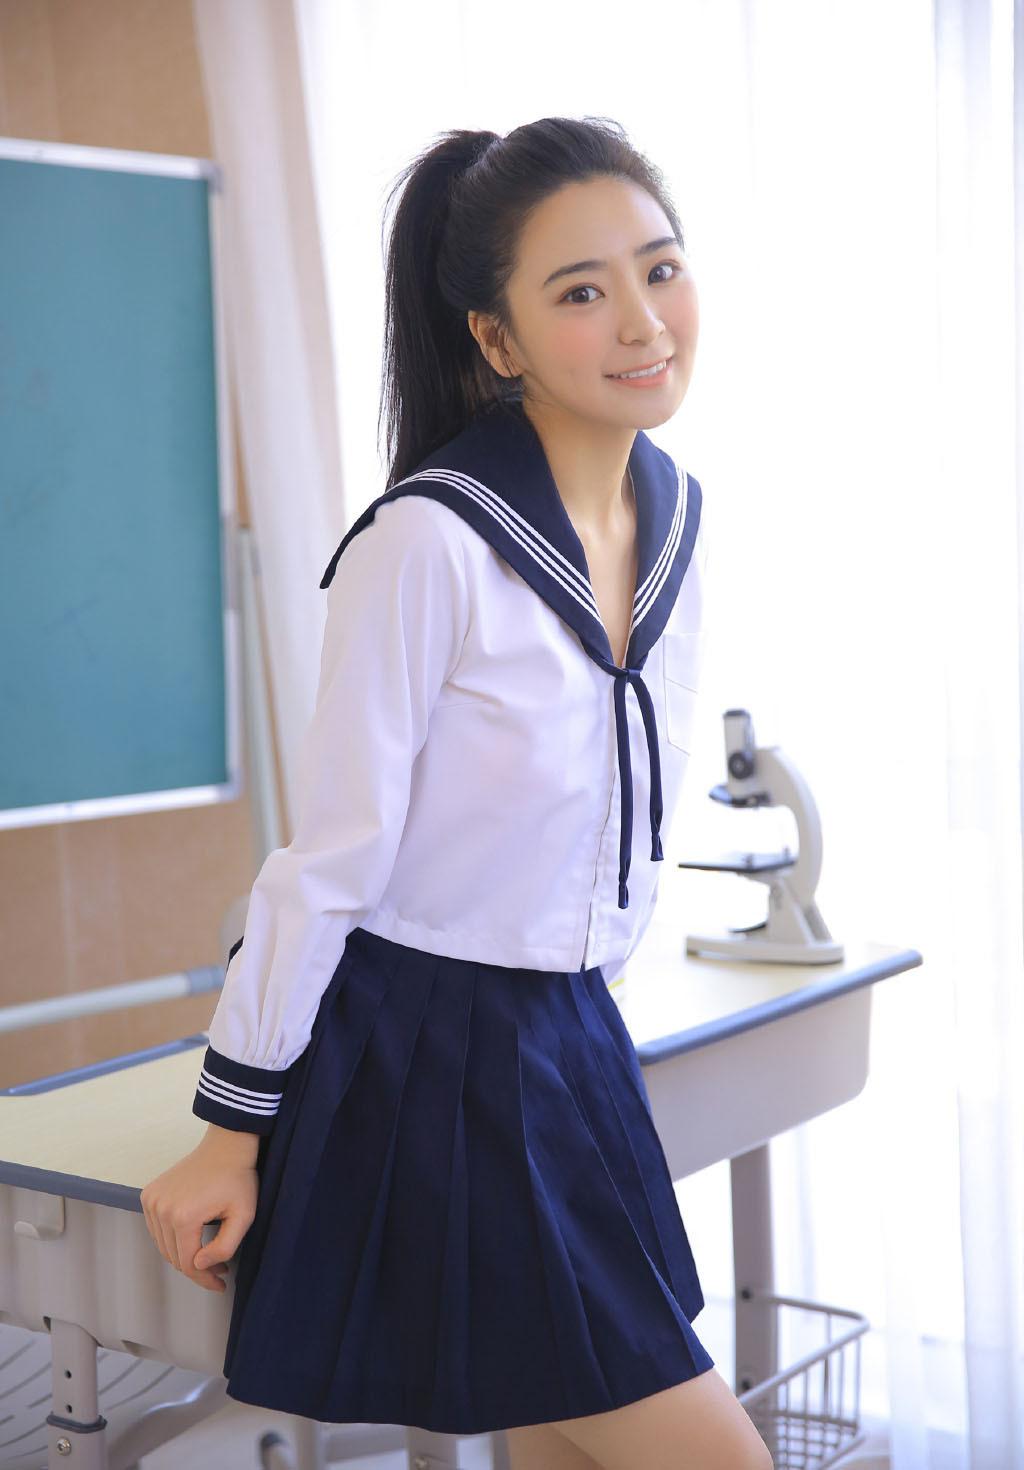 5CHU-019极品大奶白皙性感小腰美女低胸诱惑